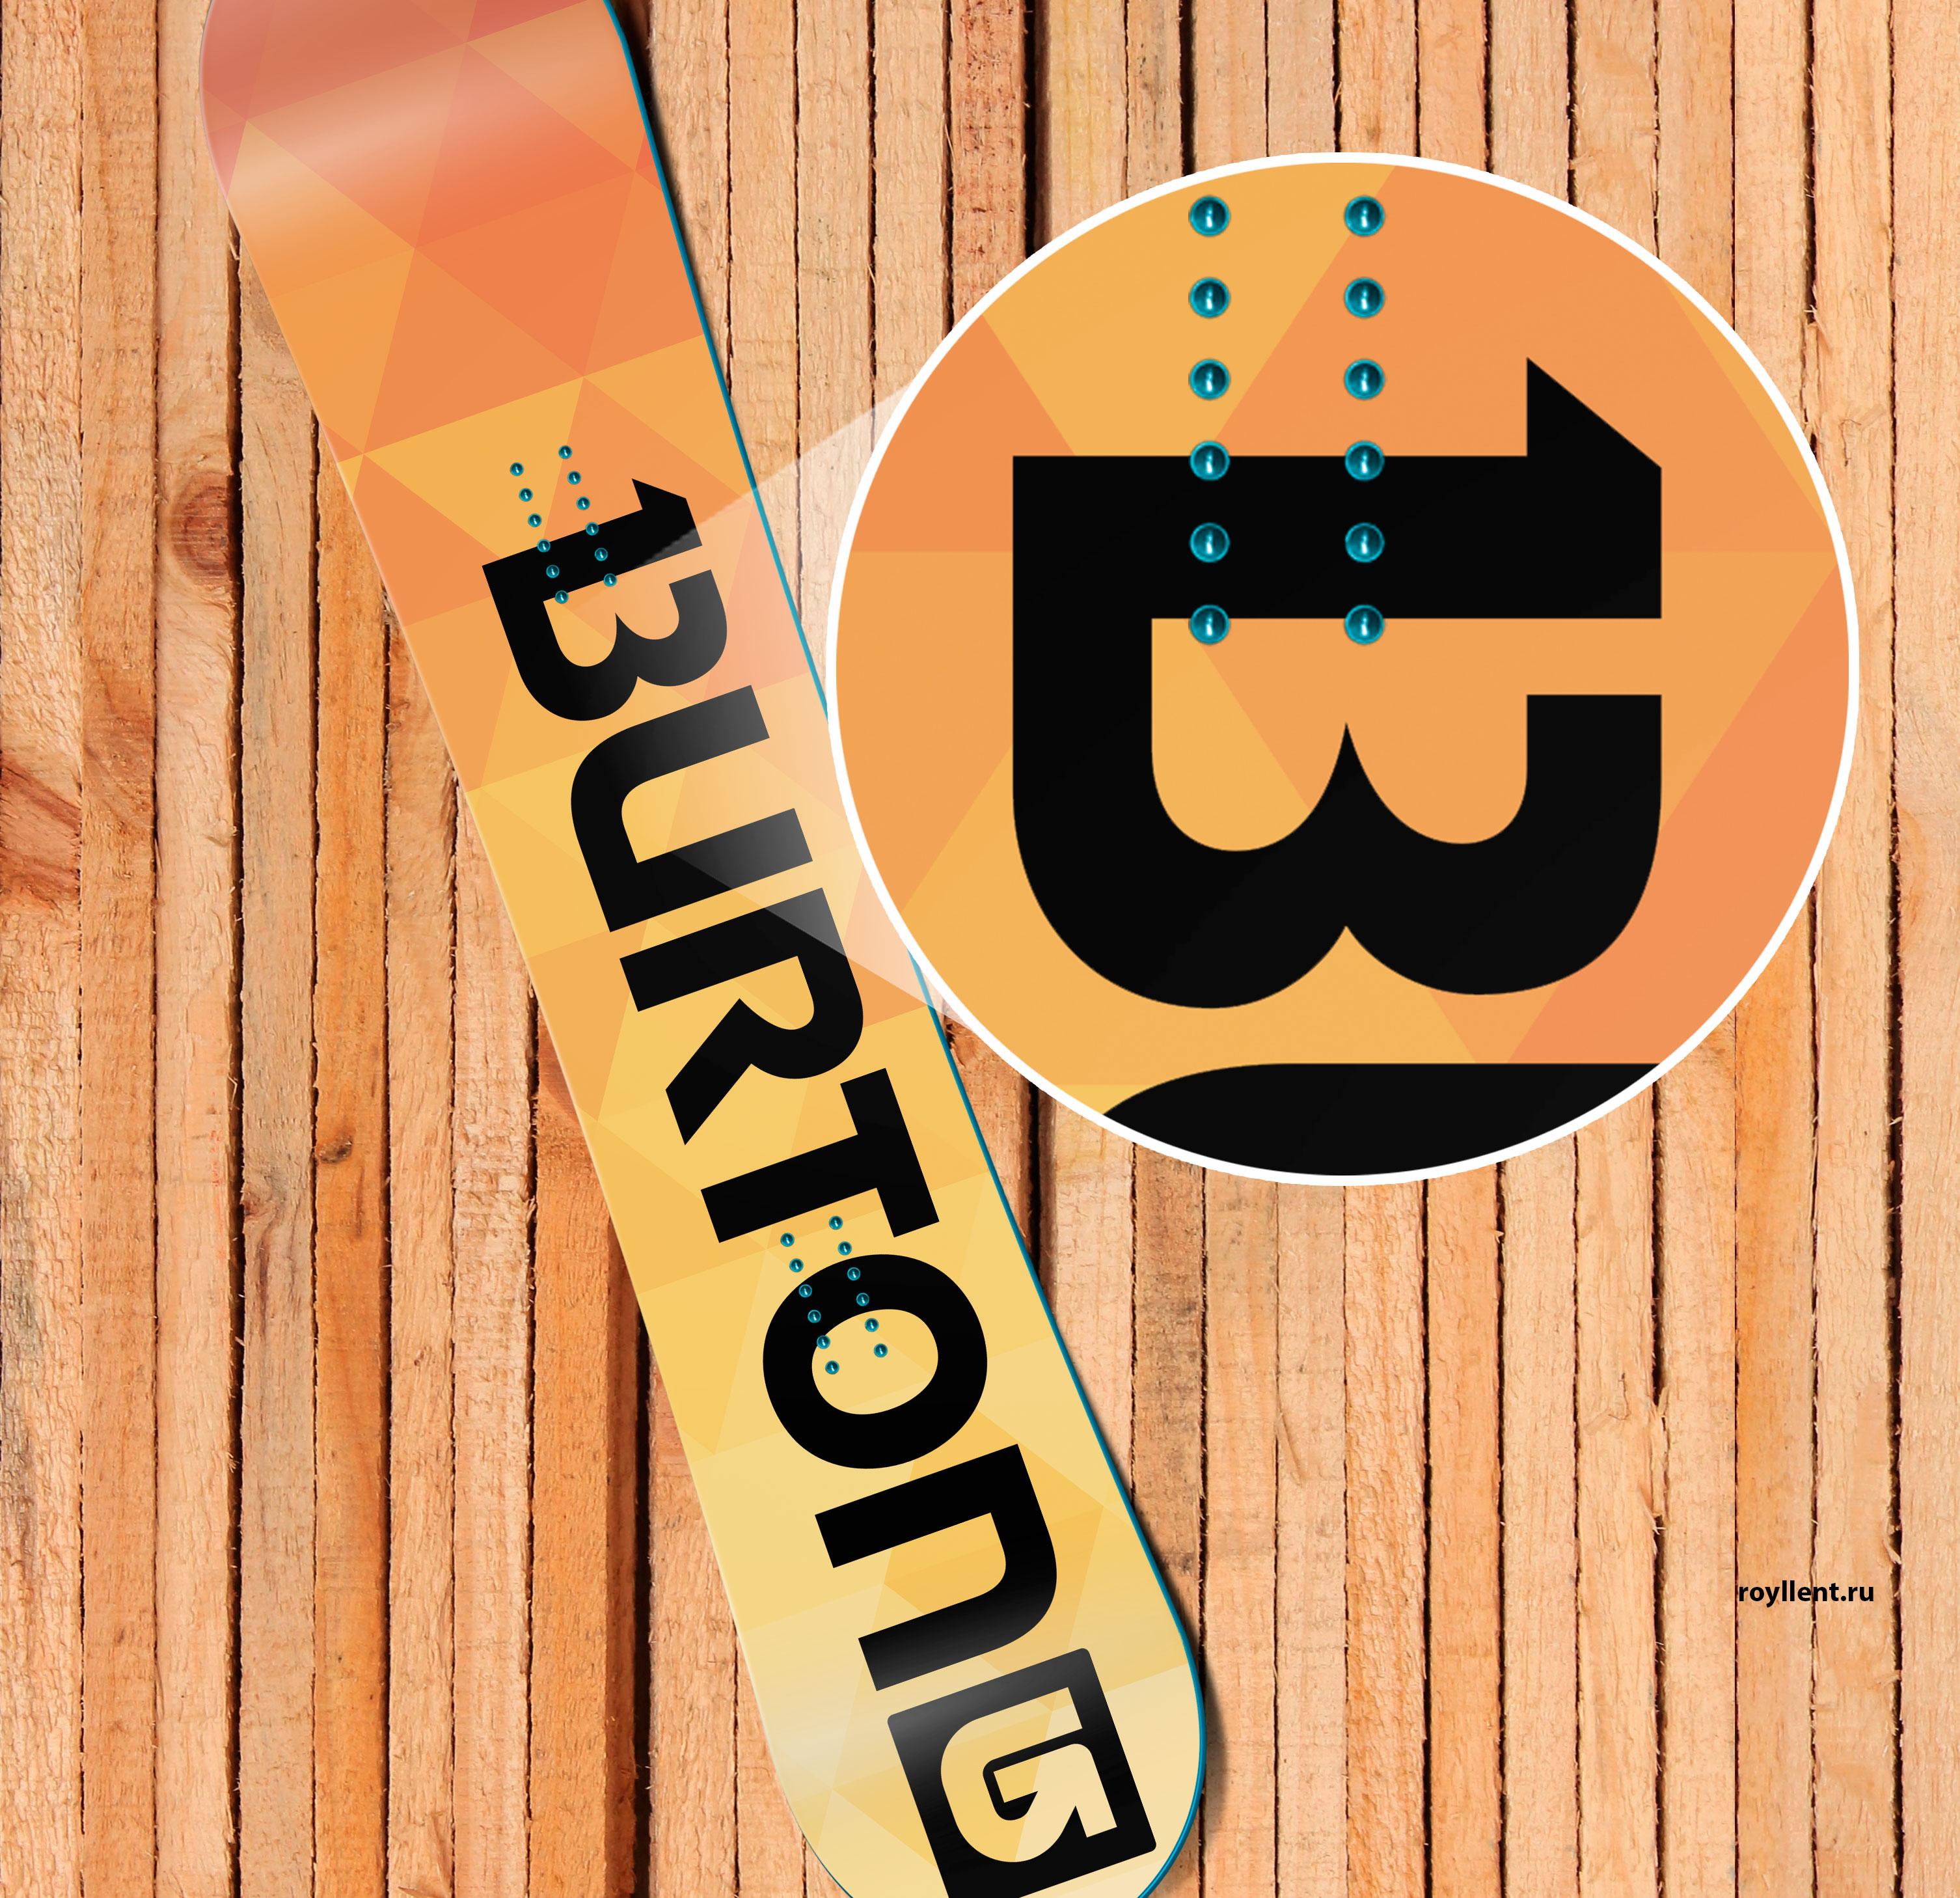 Burton, сноуборд burton, burton купить, burton custom, burton официальный, burton 13, burton x, burton магазин, burton est, burton 14 15, burton menswear, где купить наклейки, заказать наклейки, печать наклеек, декоративные наклейки